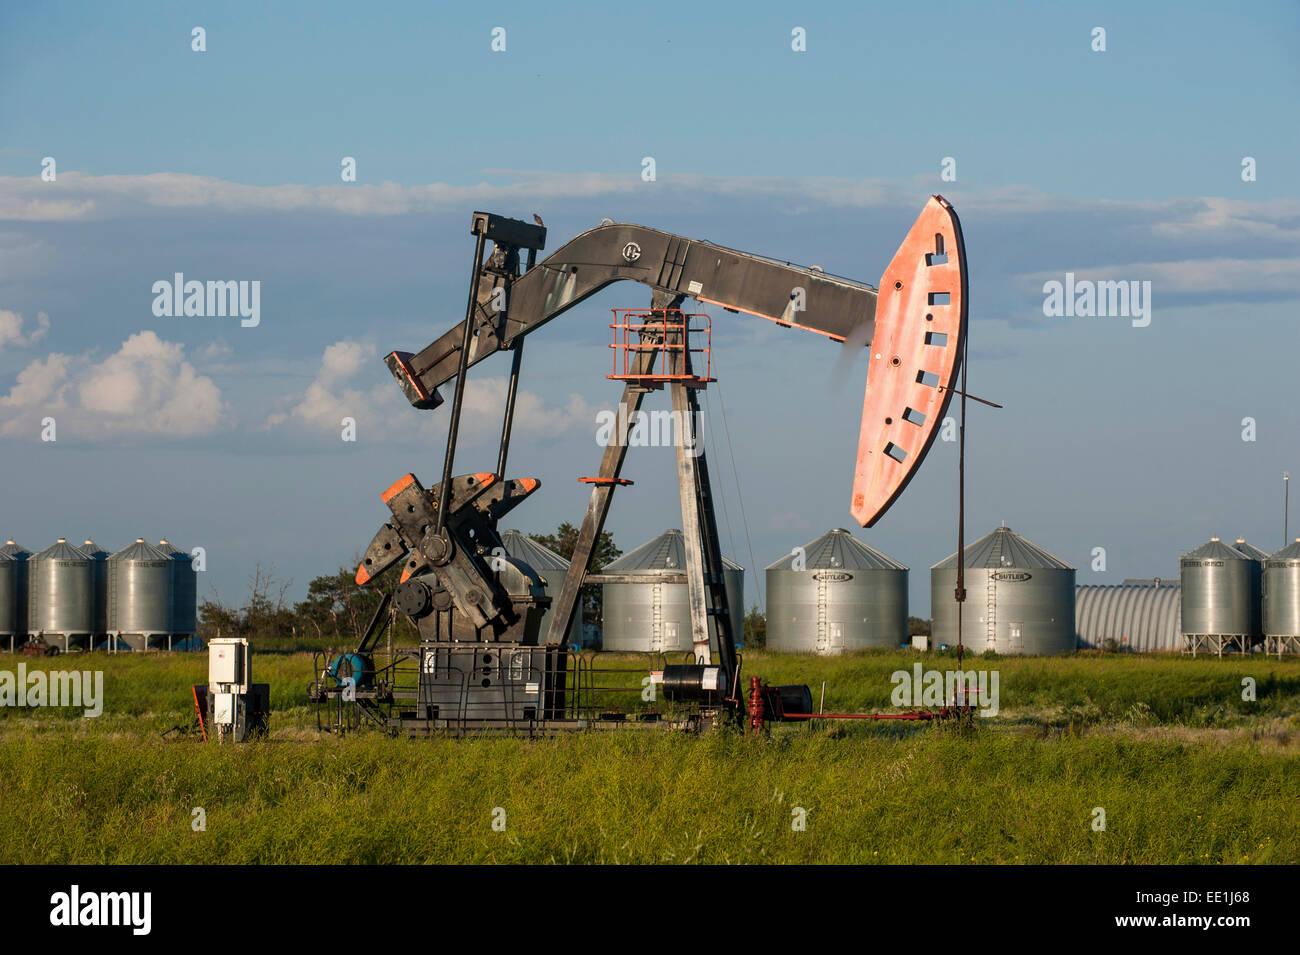 Oil rig on a field, Saskatchewan, Canada, North America - Stock Image